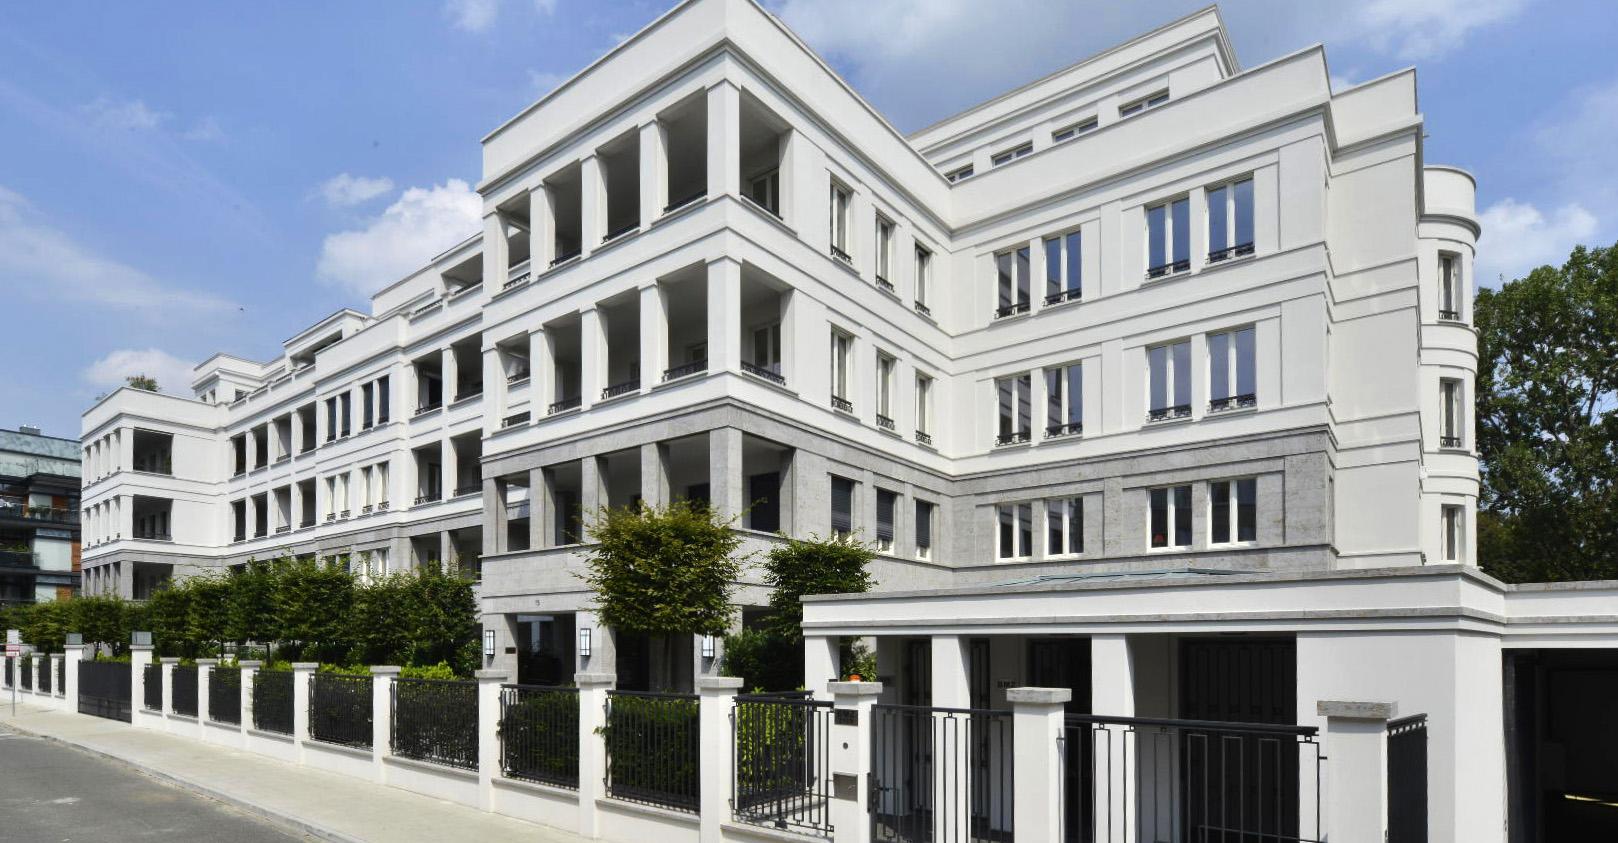 Luxuswohnhaus in Düsseldorf mit Abdeckplatten aus Mooser Muschelkalk von TRACO